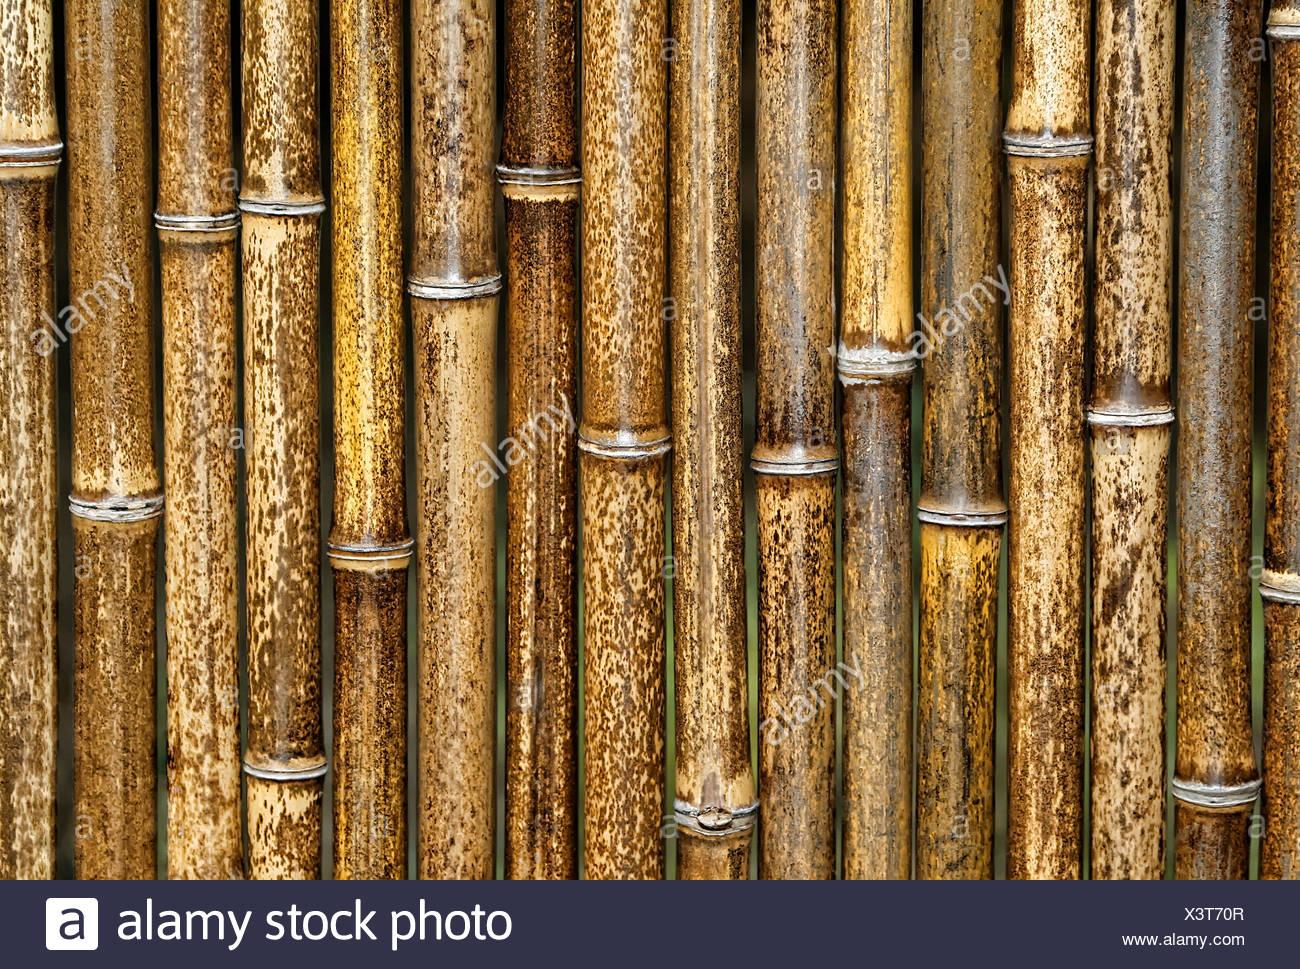 bambuszaun stock photos & bambuszaun stock images - alamy